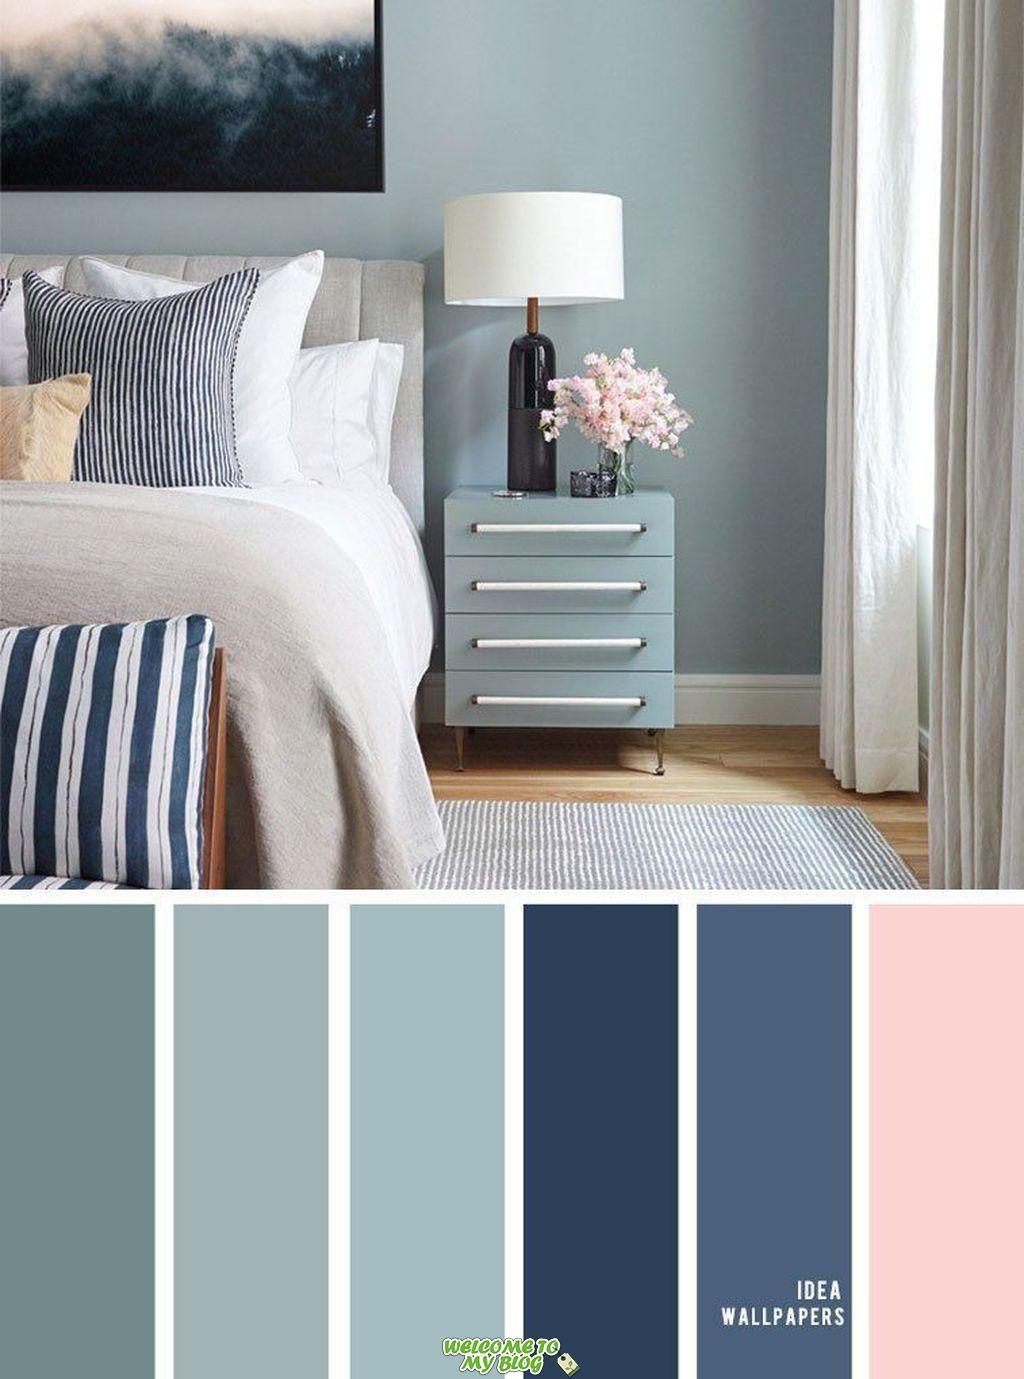 33 últimas Ideas De Diseño De Esquemas De Color De Dormitorio Con Paletas De Colores Rev Colores Para Dormitorio Paletas De Colores Para Dormitorio Dormitorios